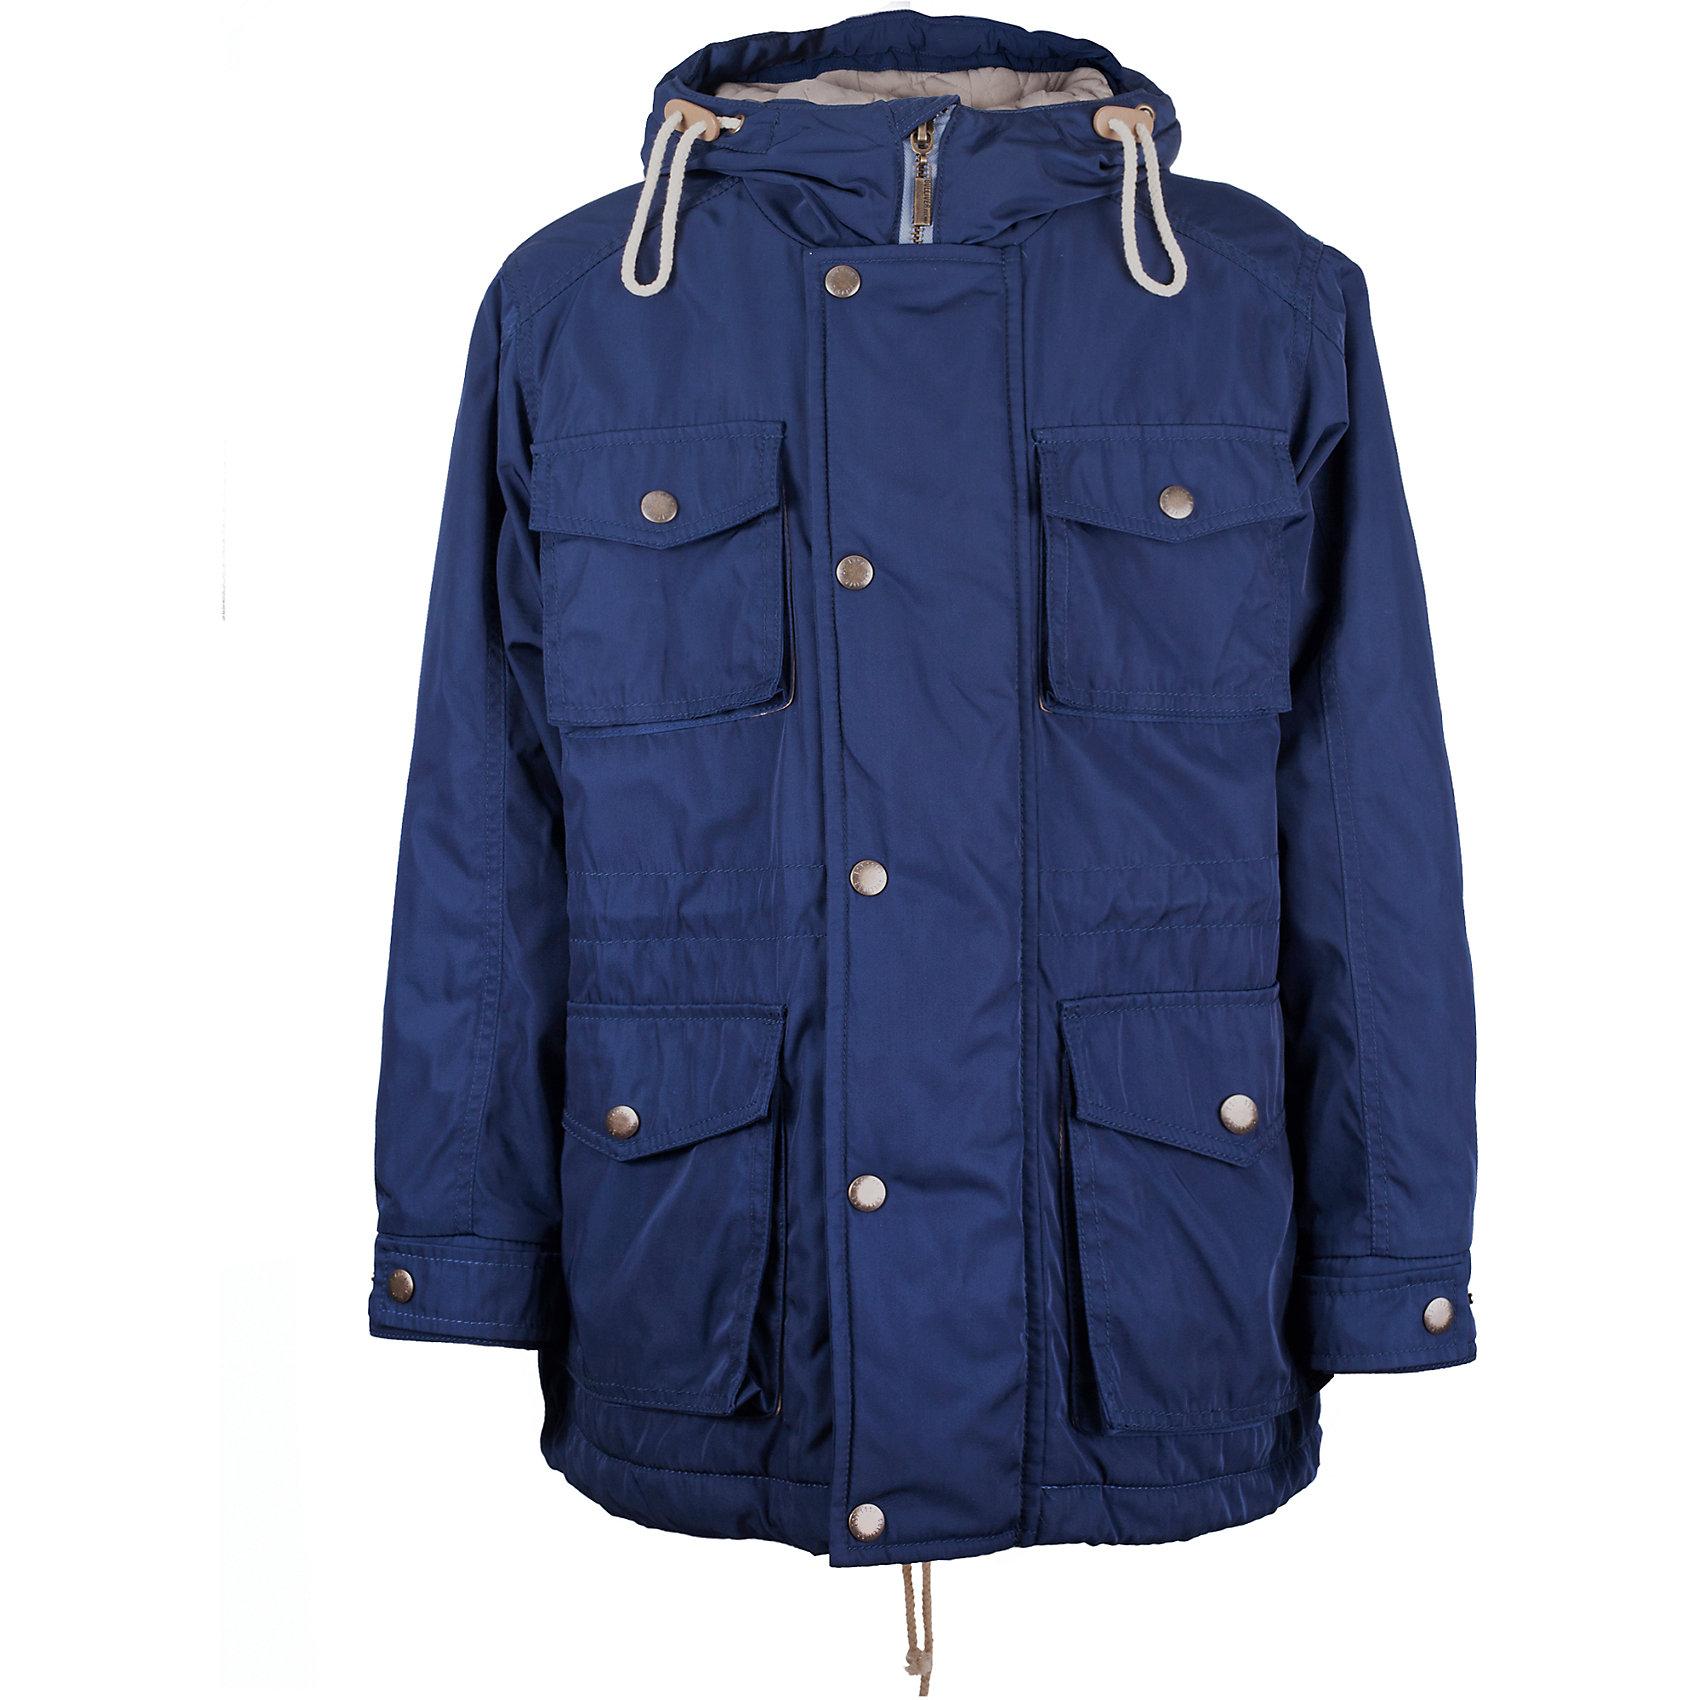 Куртка для мальчика GulliverВерхняя одежда<br>Куртка-парка - бесспорный хит сезона Весна/Лето 2017! Выполненная в лучших традициях стиля casual, синяя парка  -  прекрасный образец модной утепленной куртки для мальчика-подростка. Объемные карманы с клапанами, налокотники, функциональные детали, стильная брендированная фурнитура делают эту куртку ярким, заметным, энергичным элементом коллекции. Вы хотите купить стильную практичную куртку для мальчика-подростка? Синяя куртка-парка даже лучше, чем вы ожидаете!<br>Состав:<br>верх:  100% полиэстер; подкладка: 50% хлопок 50% полиэстер; утеплитель: 100% полиэстер<br><br>Ширина мм: 356<br>Глубина мм: 10<br>Высота мм: 245<br>Вес г: 519<br>Цвет: синий<br>Возраст от месяцев: 120<br>Возраст до месяцев: 132<br>Пол: Мужской<br>Возраст: Детский<br>Размер: 146,164,152,158<br>SKU: 5483216